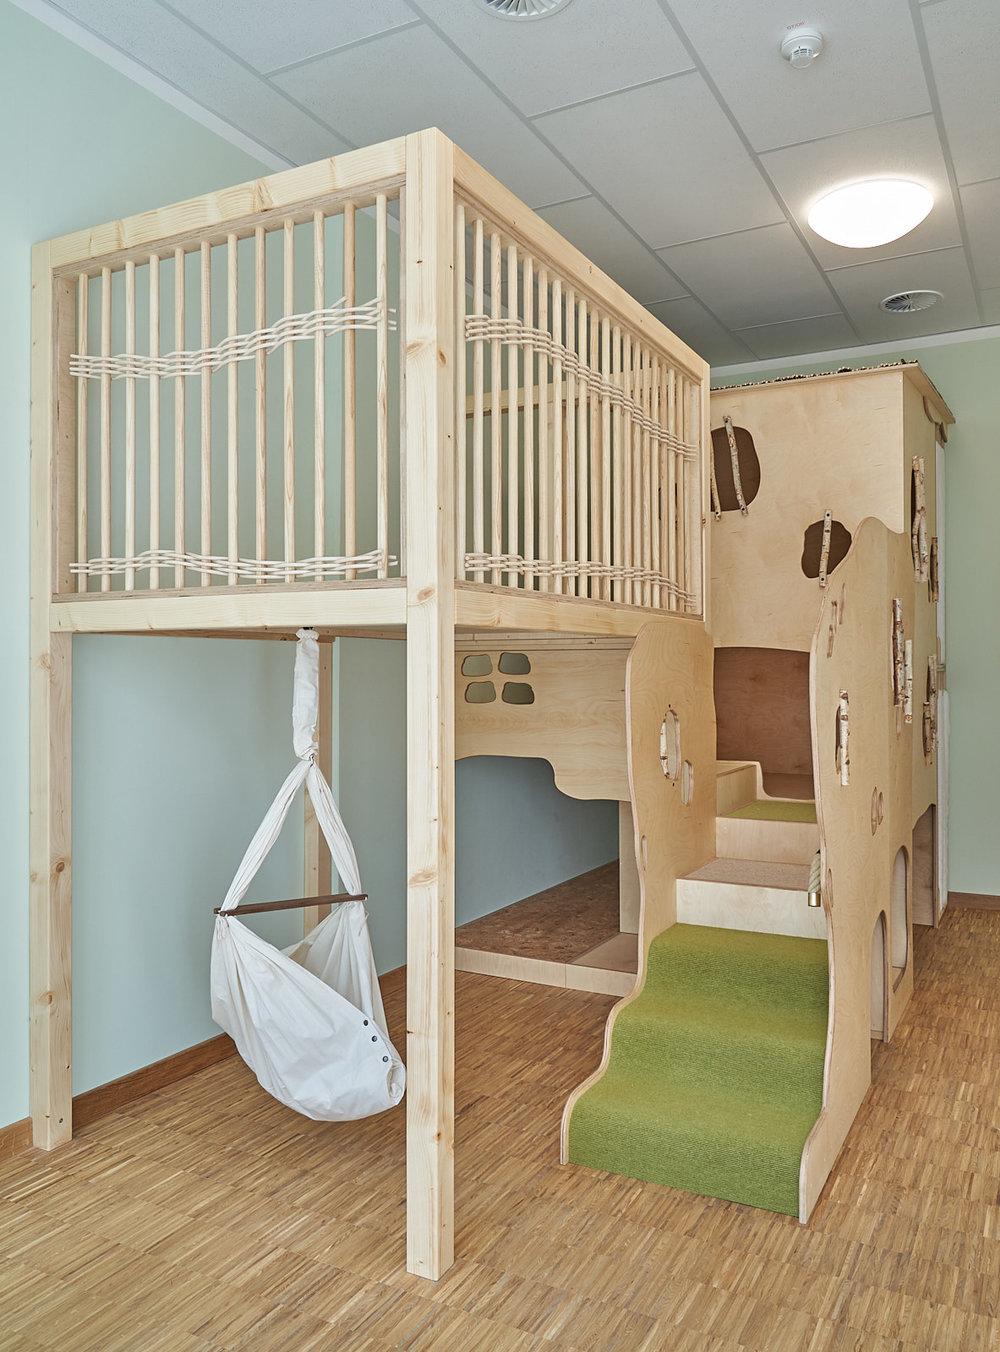 Schlafpodest, Kita, Kindergarten, Kindertagesstätte, Ruhe, Schlafen 02.jpg